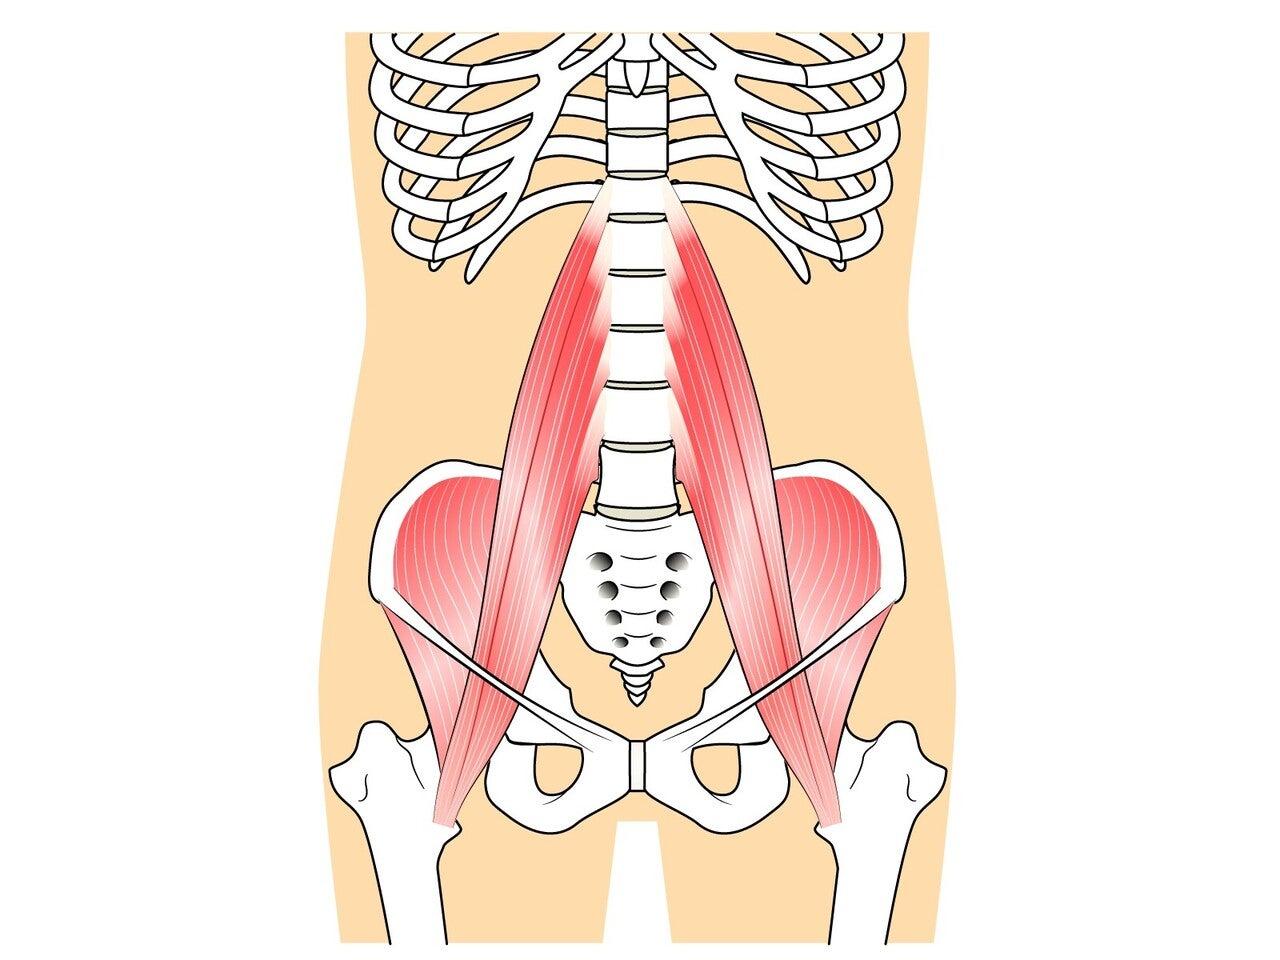 解剖 腸腰筋